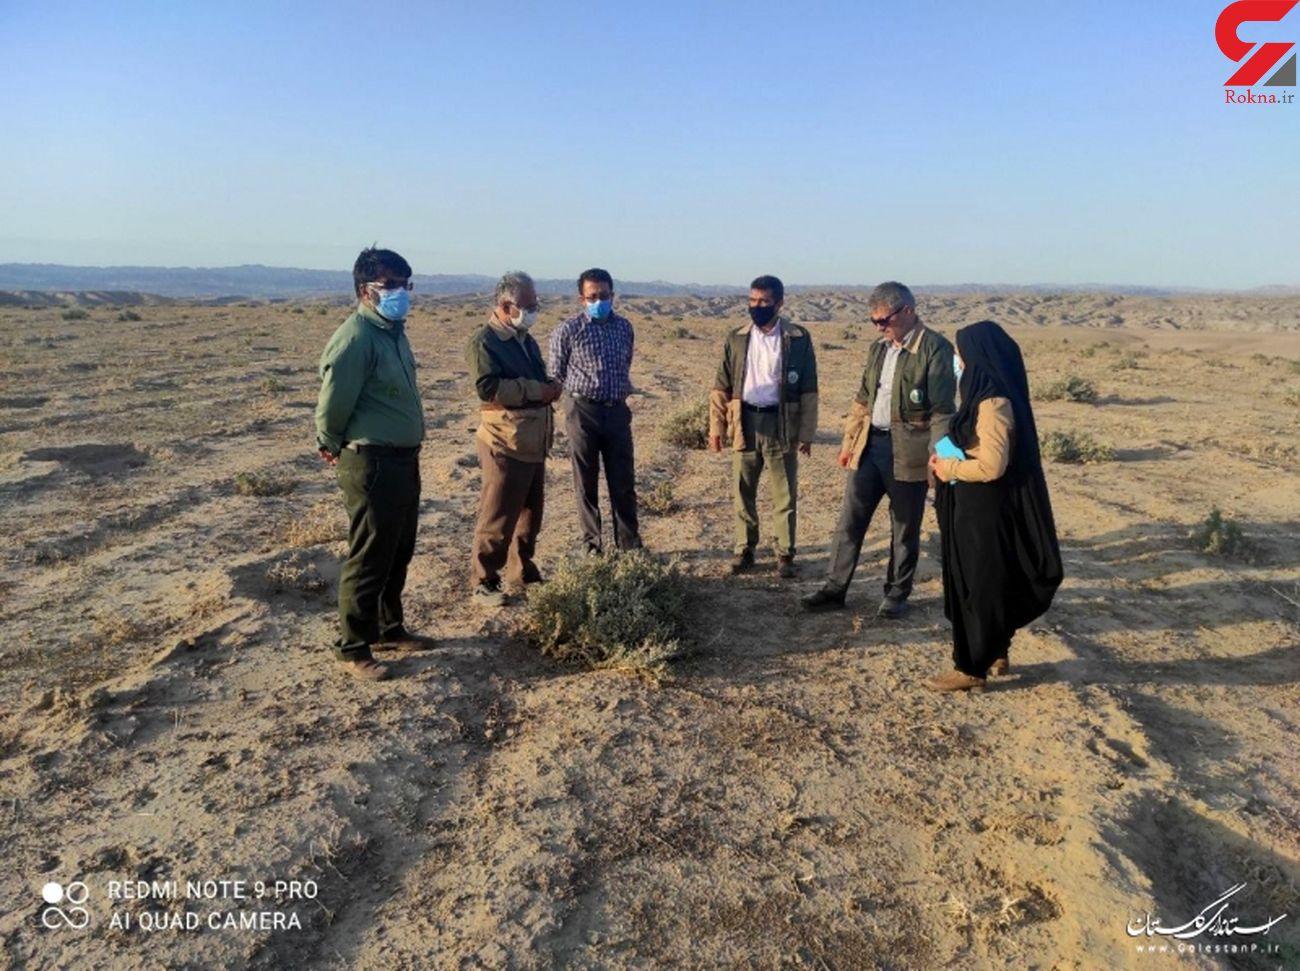 بازدید مدیرکل منابع طبیعی و آبخیزداری استان از پروژه سرشاخه گیر آق سو شهرستان کلاله